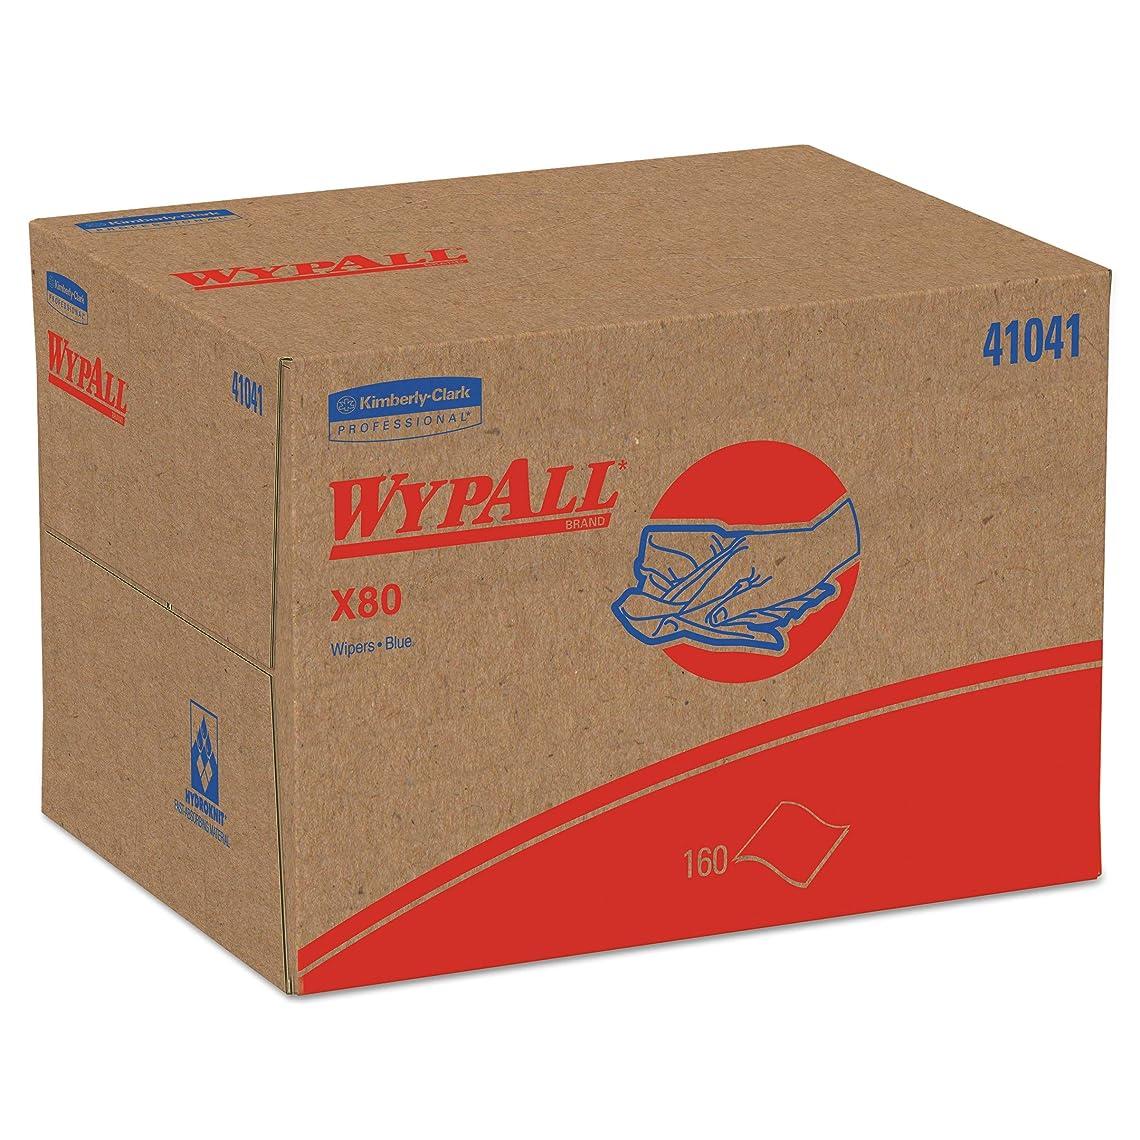 ジョグハンディ正午WYPALL X80 Wipers, Brag Box, HYDROKNIT, 12 1/2 x 16 4/5, 160 Wipers/Carton (並行輸入品)